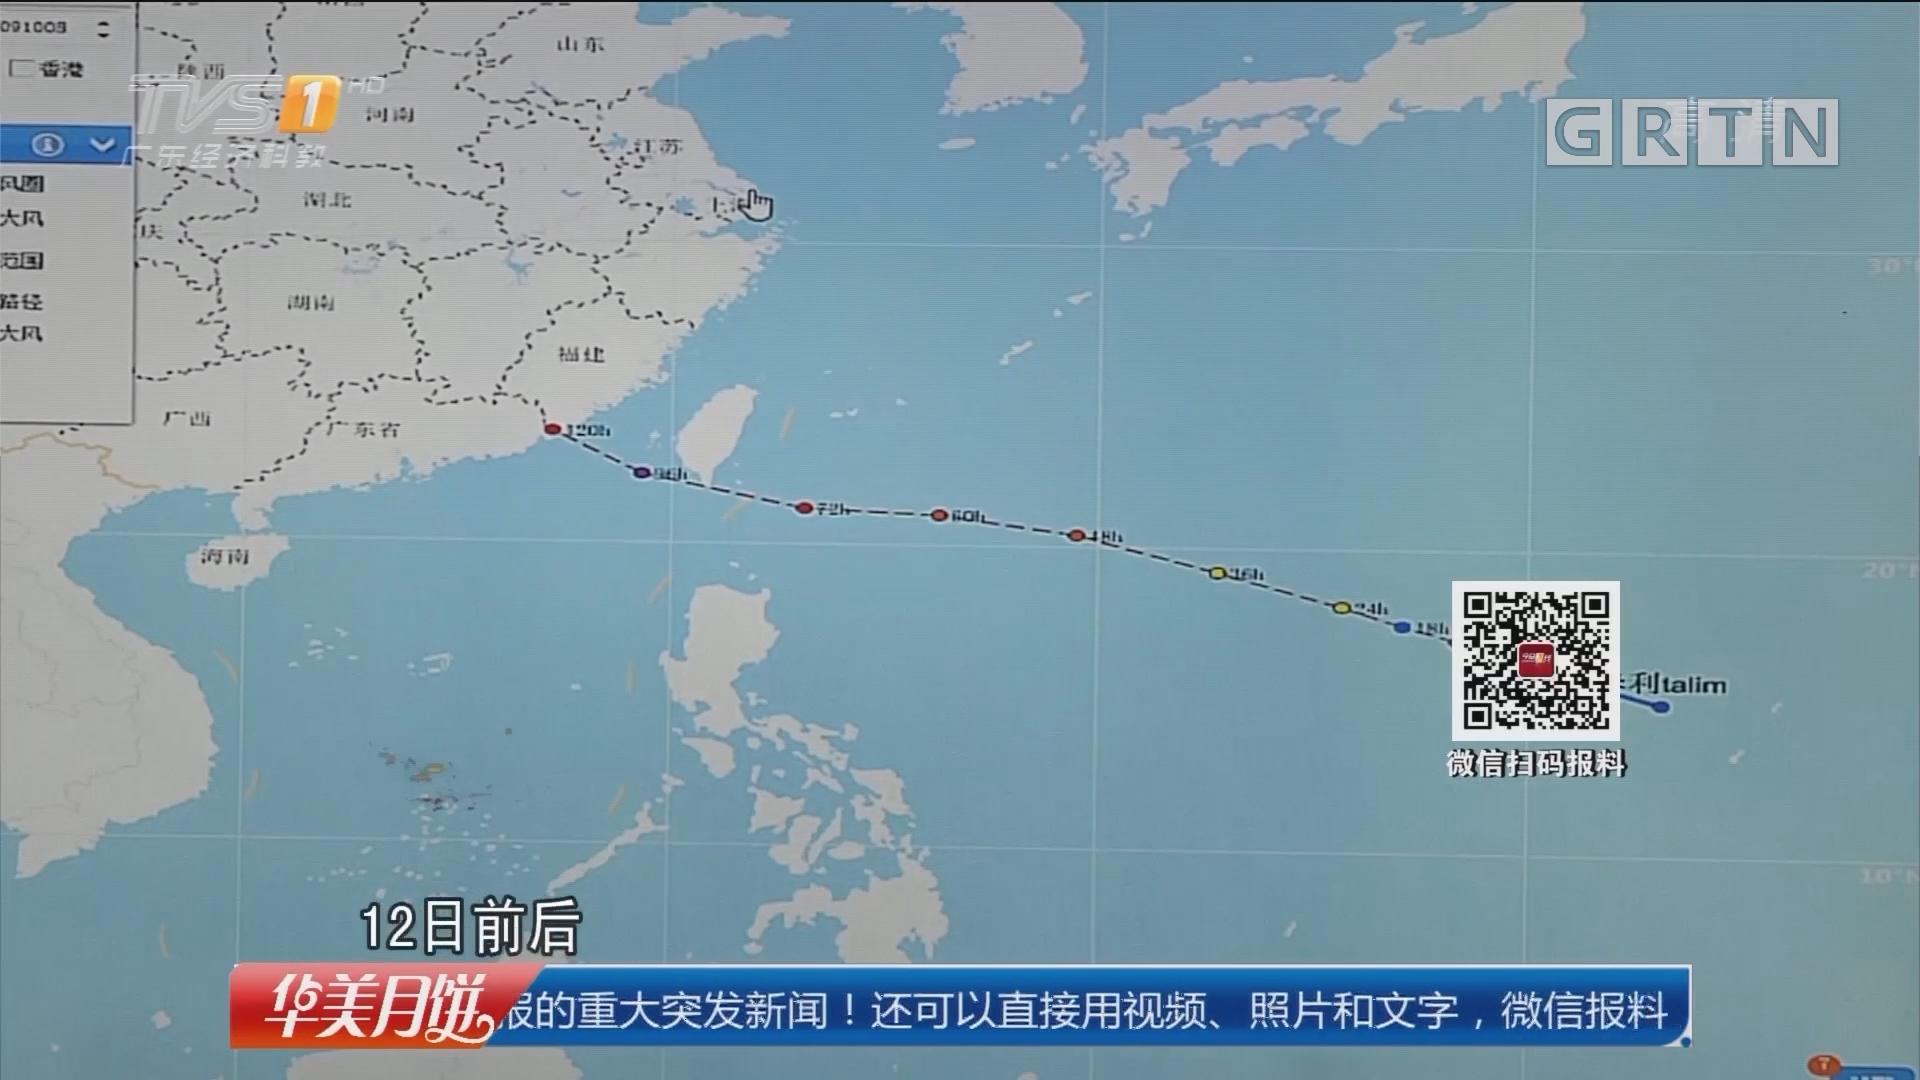 """第18号台风""""泰利""""生成:""""泰利""""或发展为超强台风影响广东"""